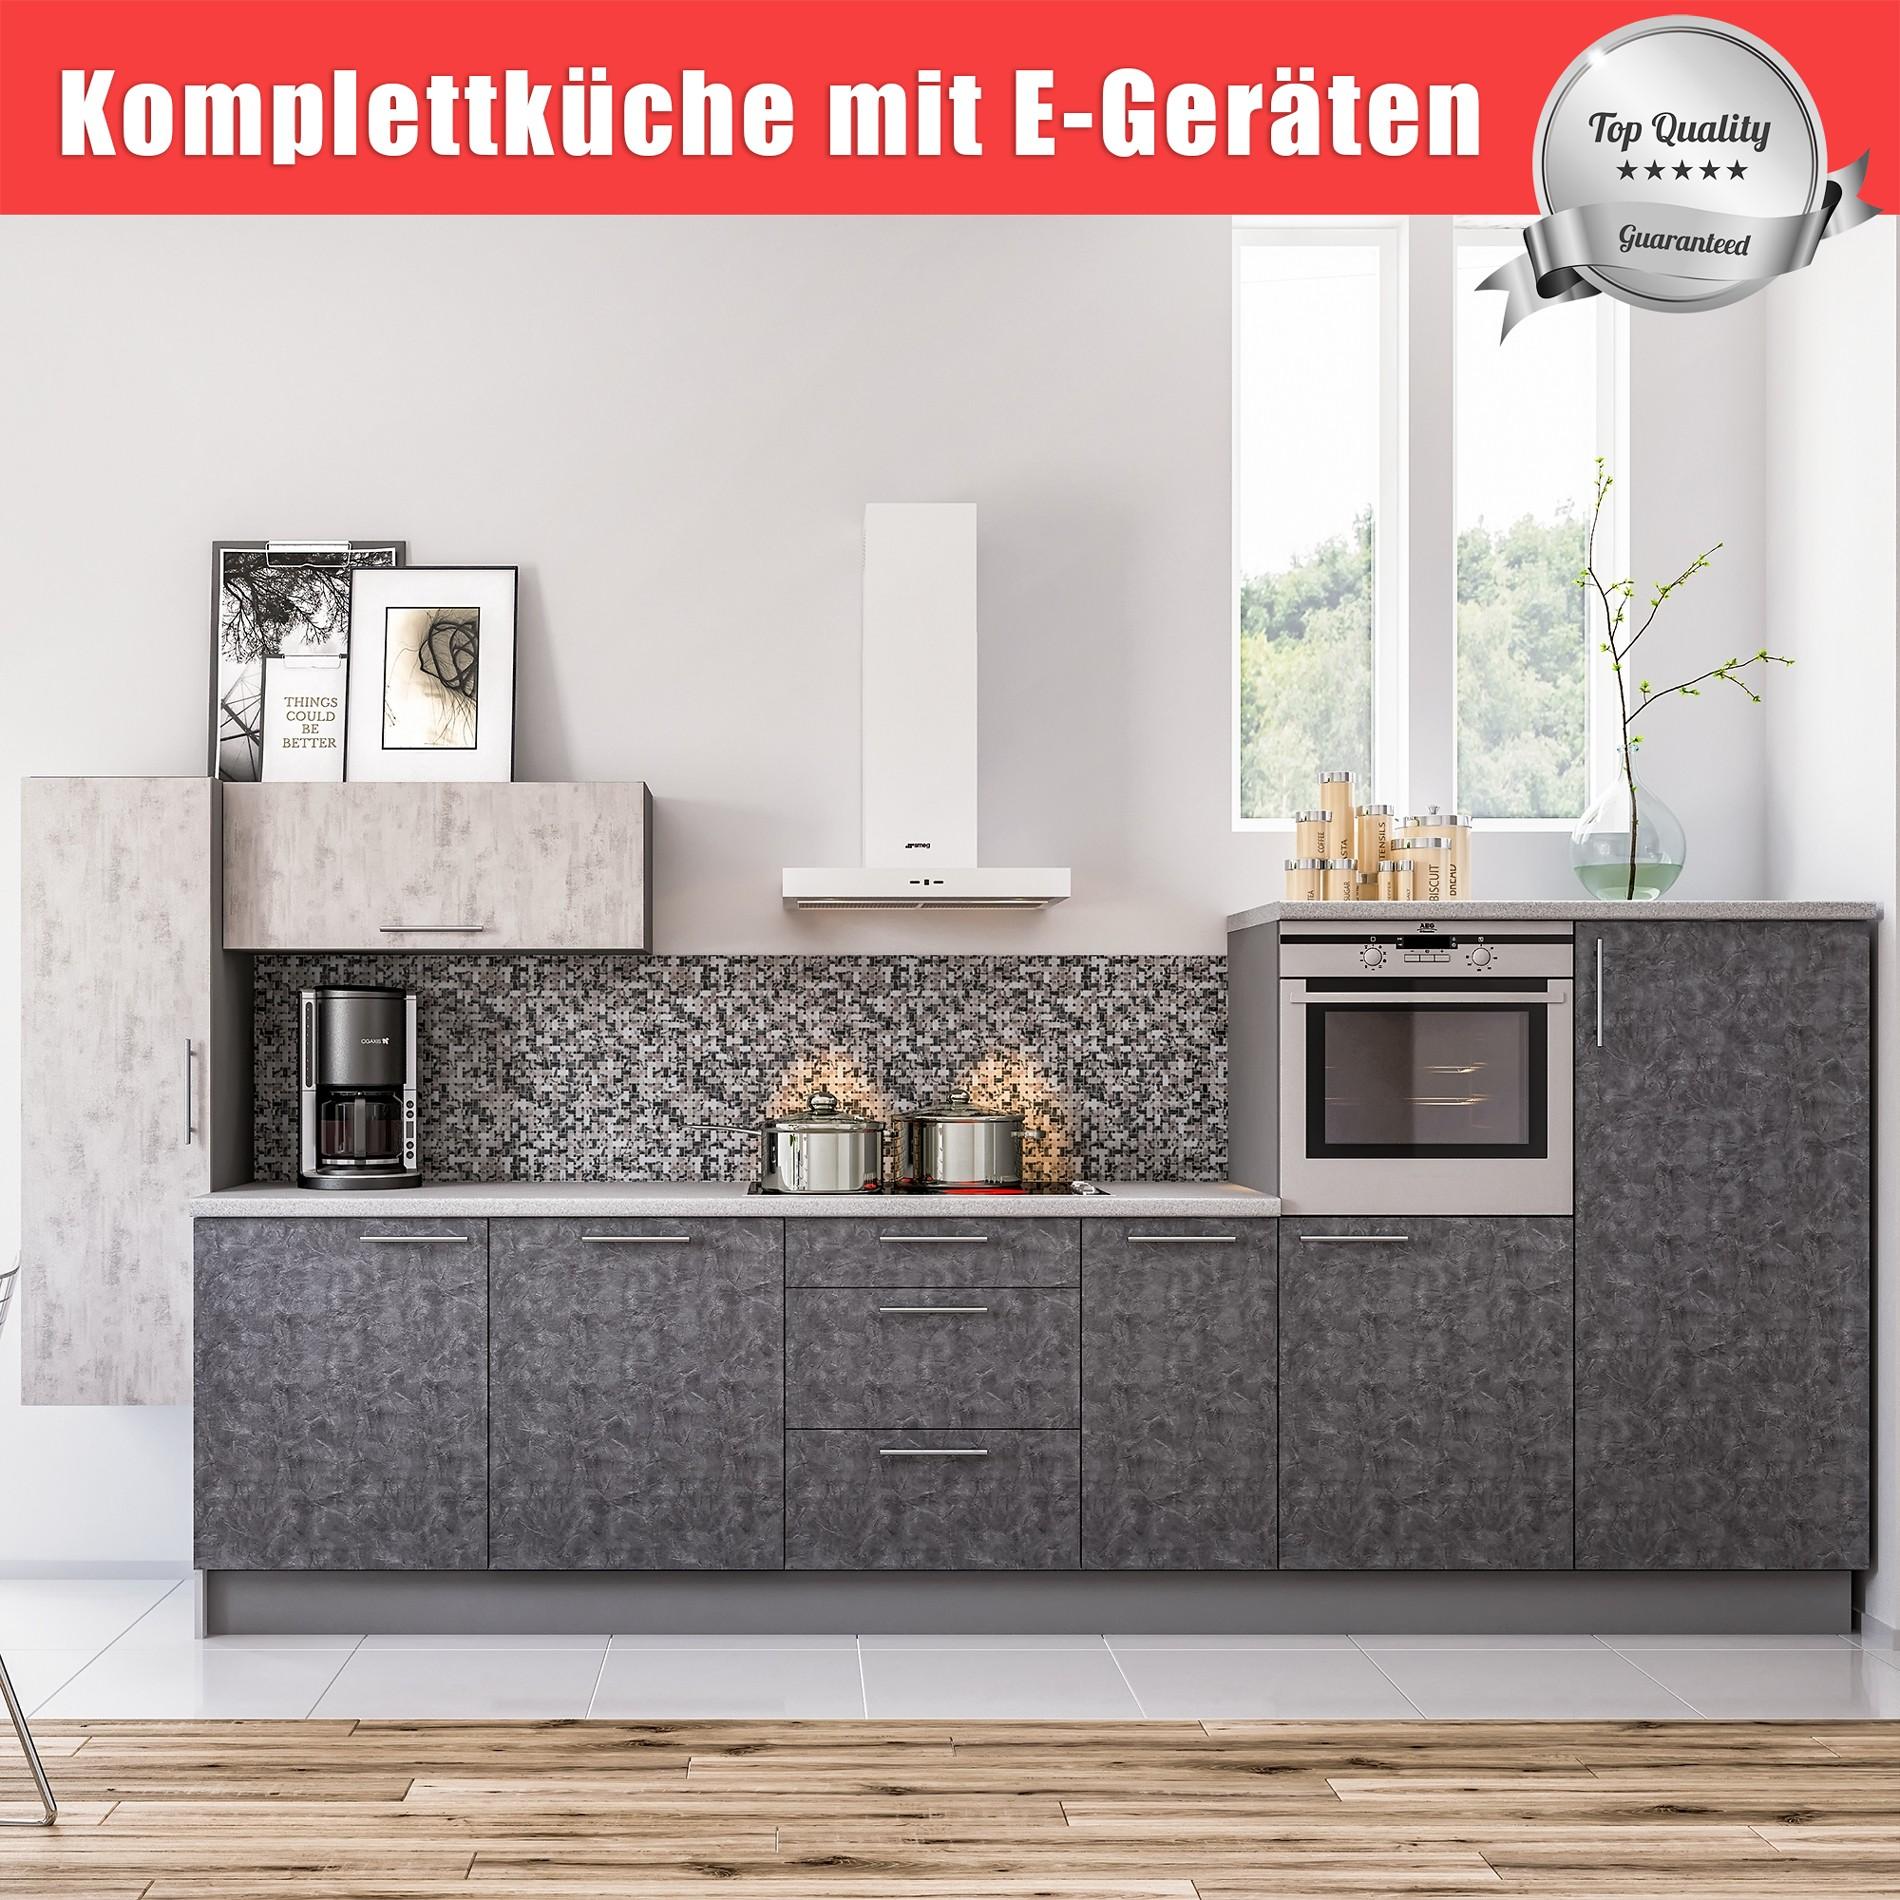 Full Size of Kleine Komplettküche Respekta Küche Küchenzeile Küchenblock Einbauküche Komplettküche Weiß 320 Cm Willhaben Komplettküche Günstige Komplettküche Küche Komplettküche